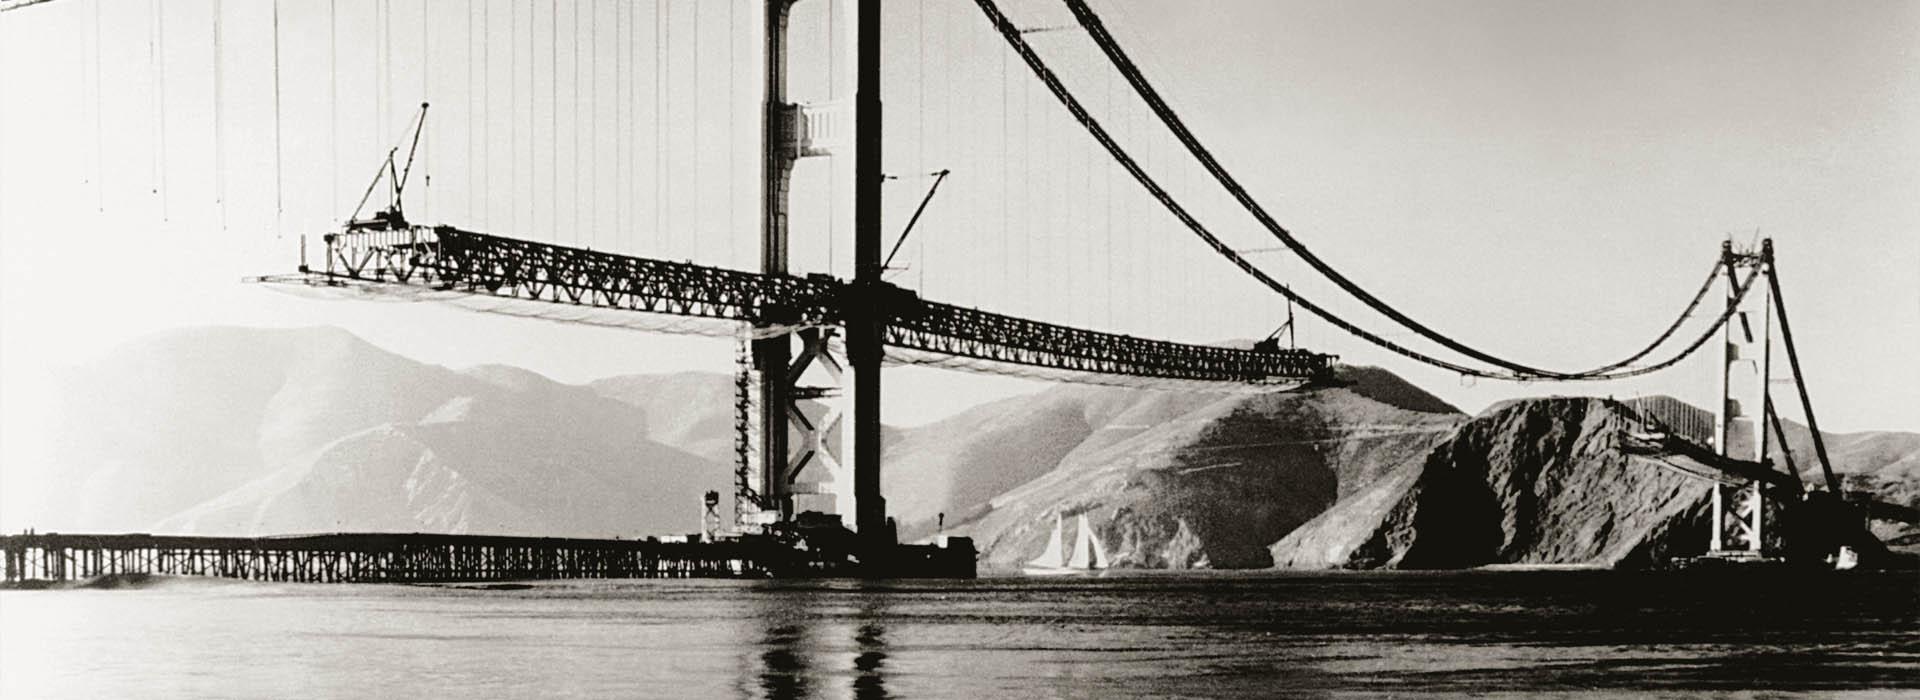 Golden Gate Bridge • San Francisco, California